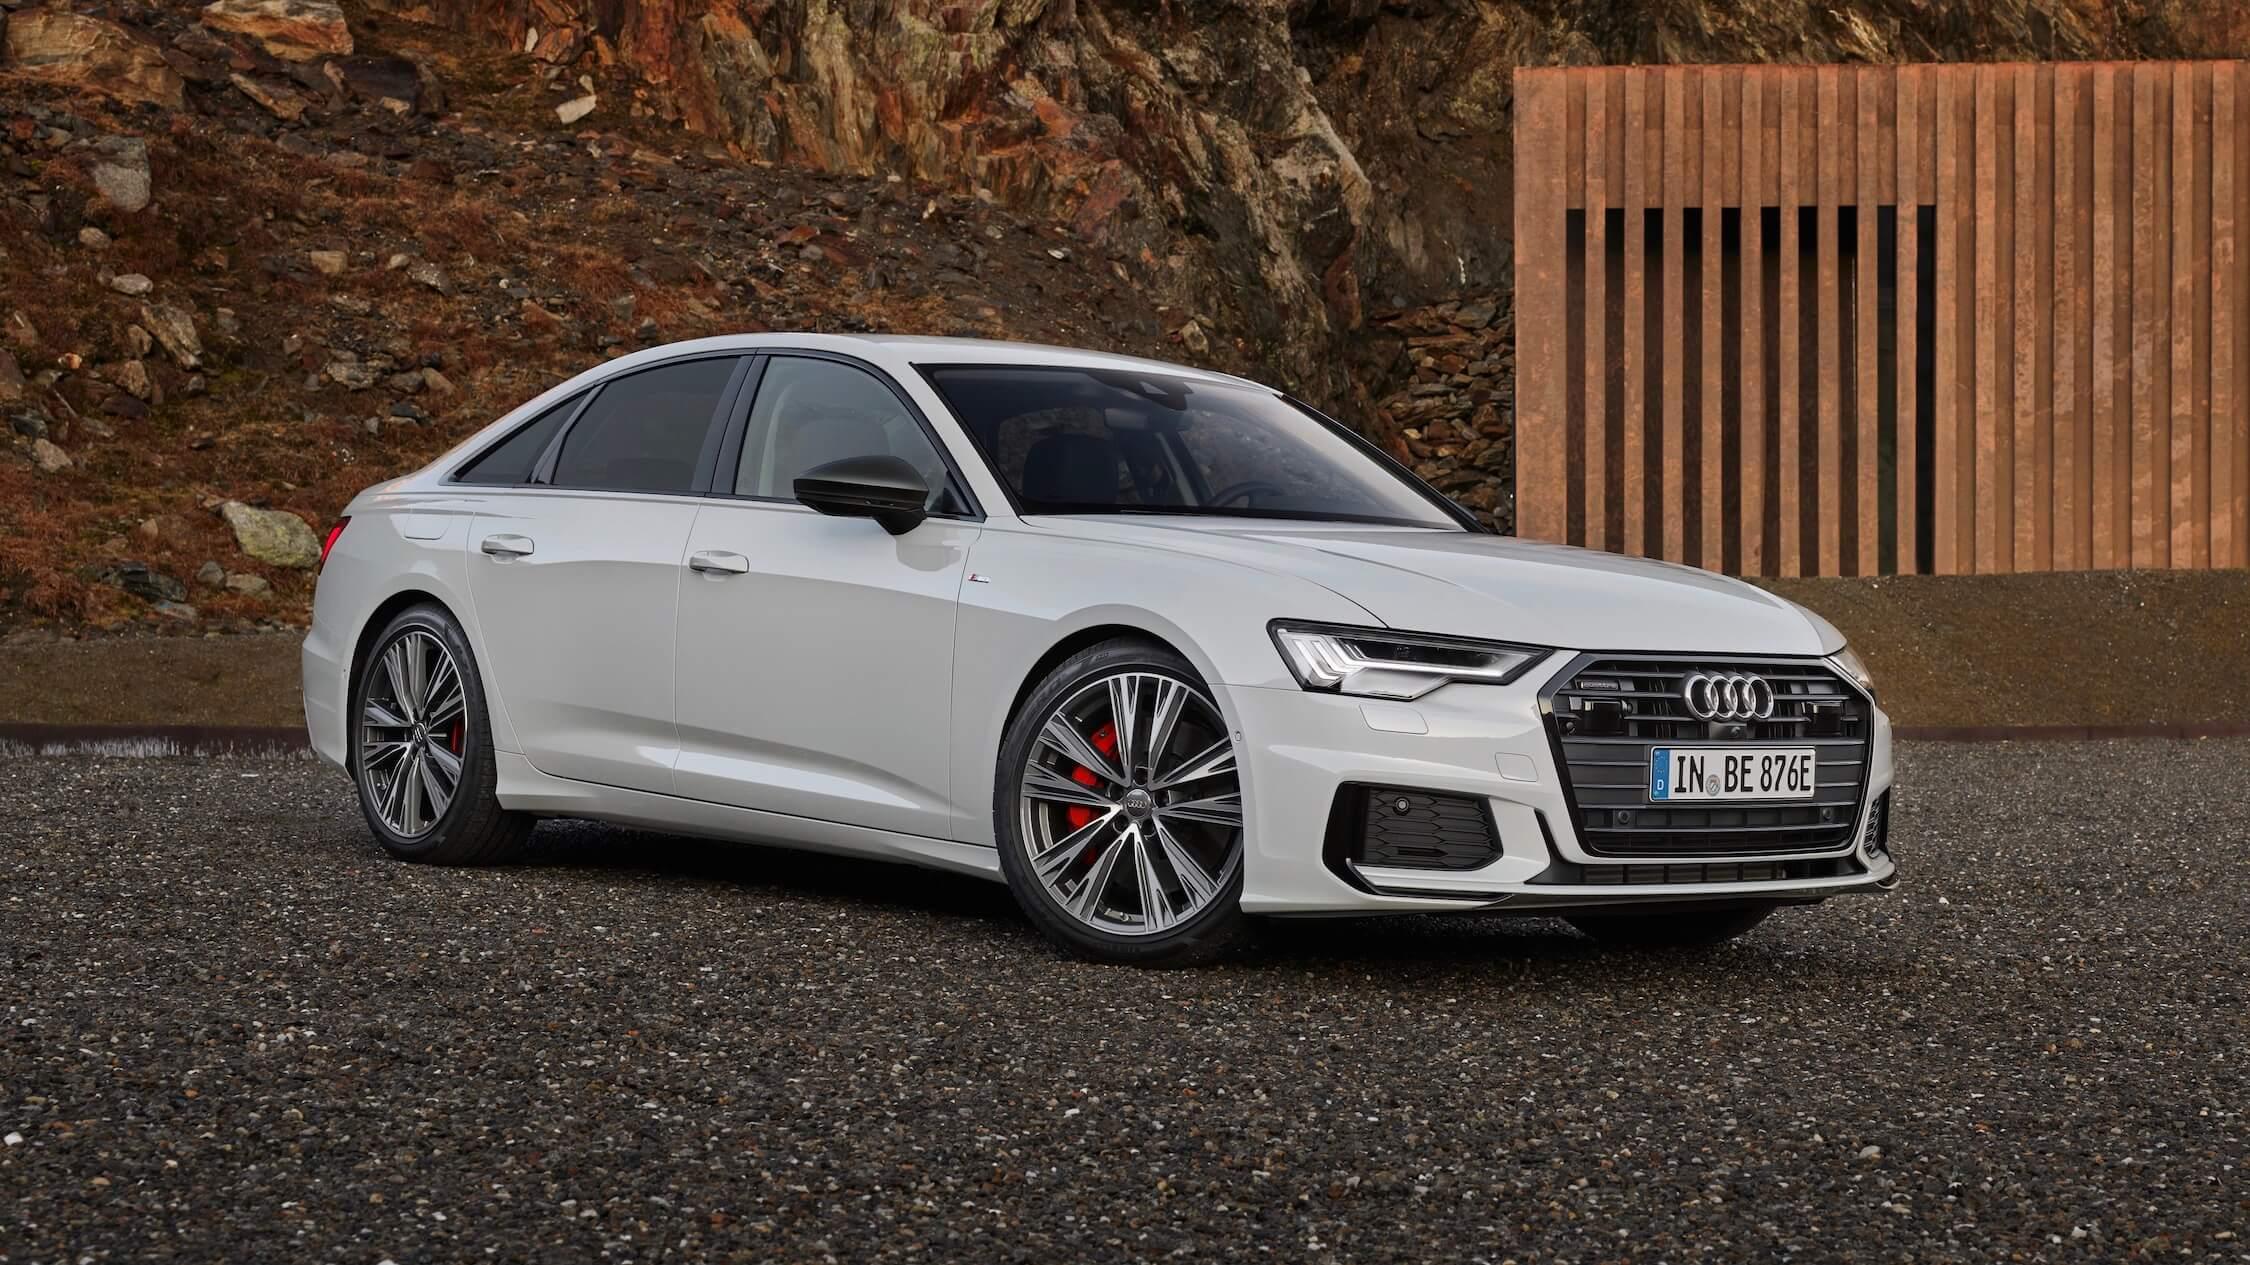 Audi A6 hibrido 55 tfsi-e